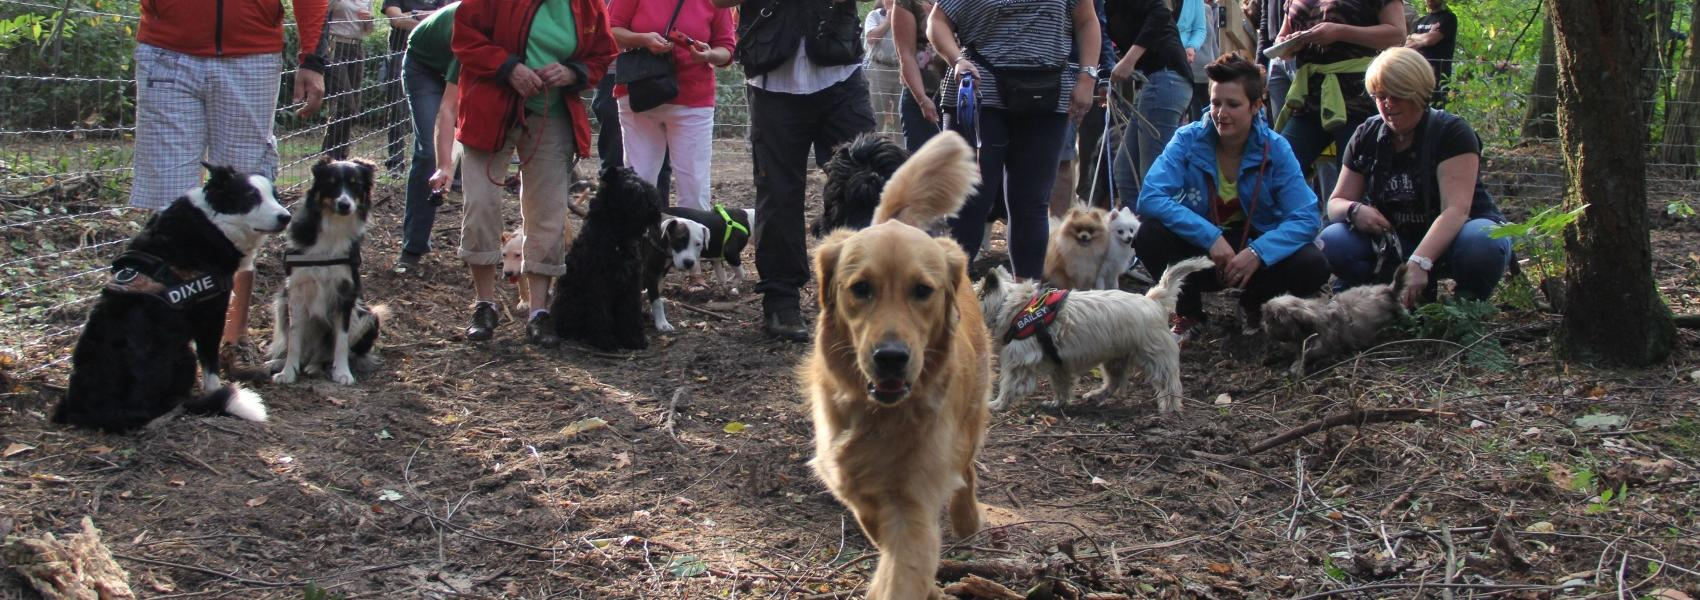 groep mensen met honden in de hondenlosloopzone